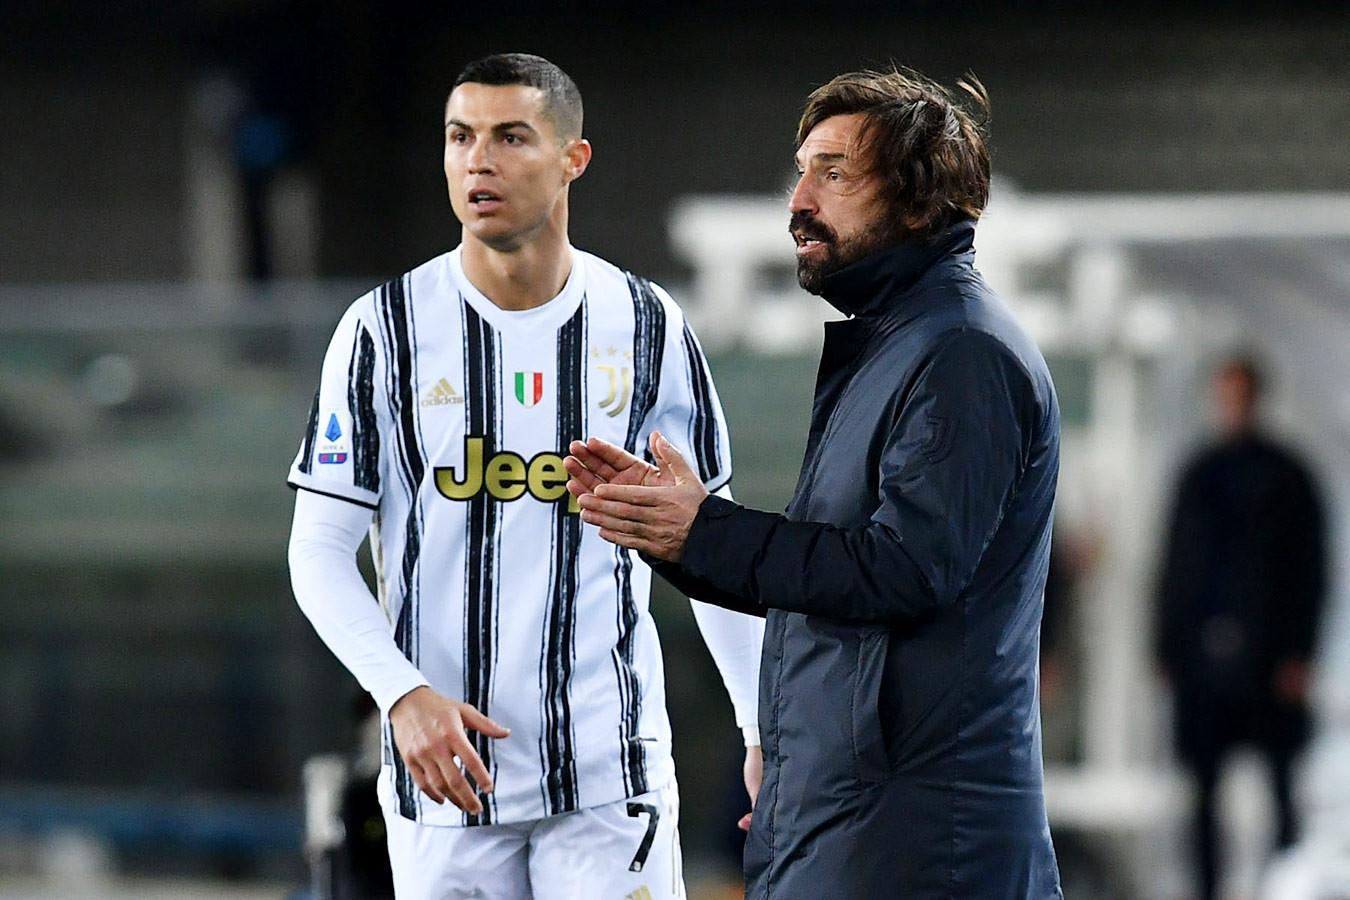 В «Ювентусе» заявили, что Роналду и Пирло не покинут клуб летом